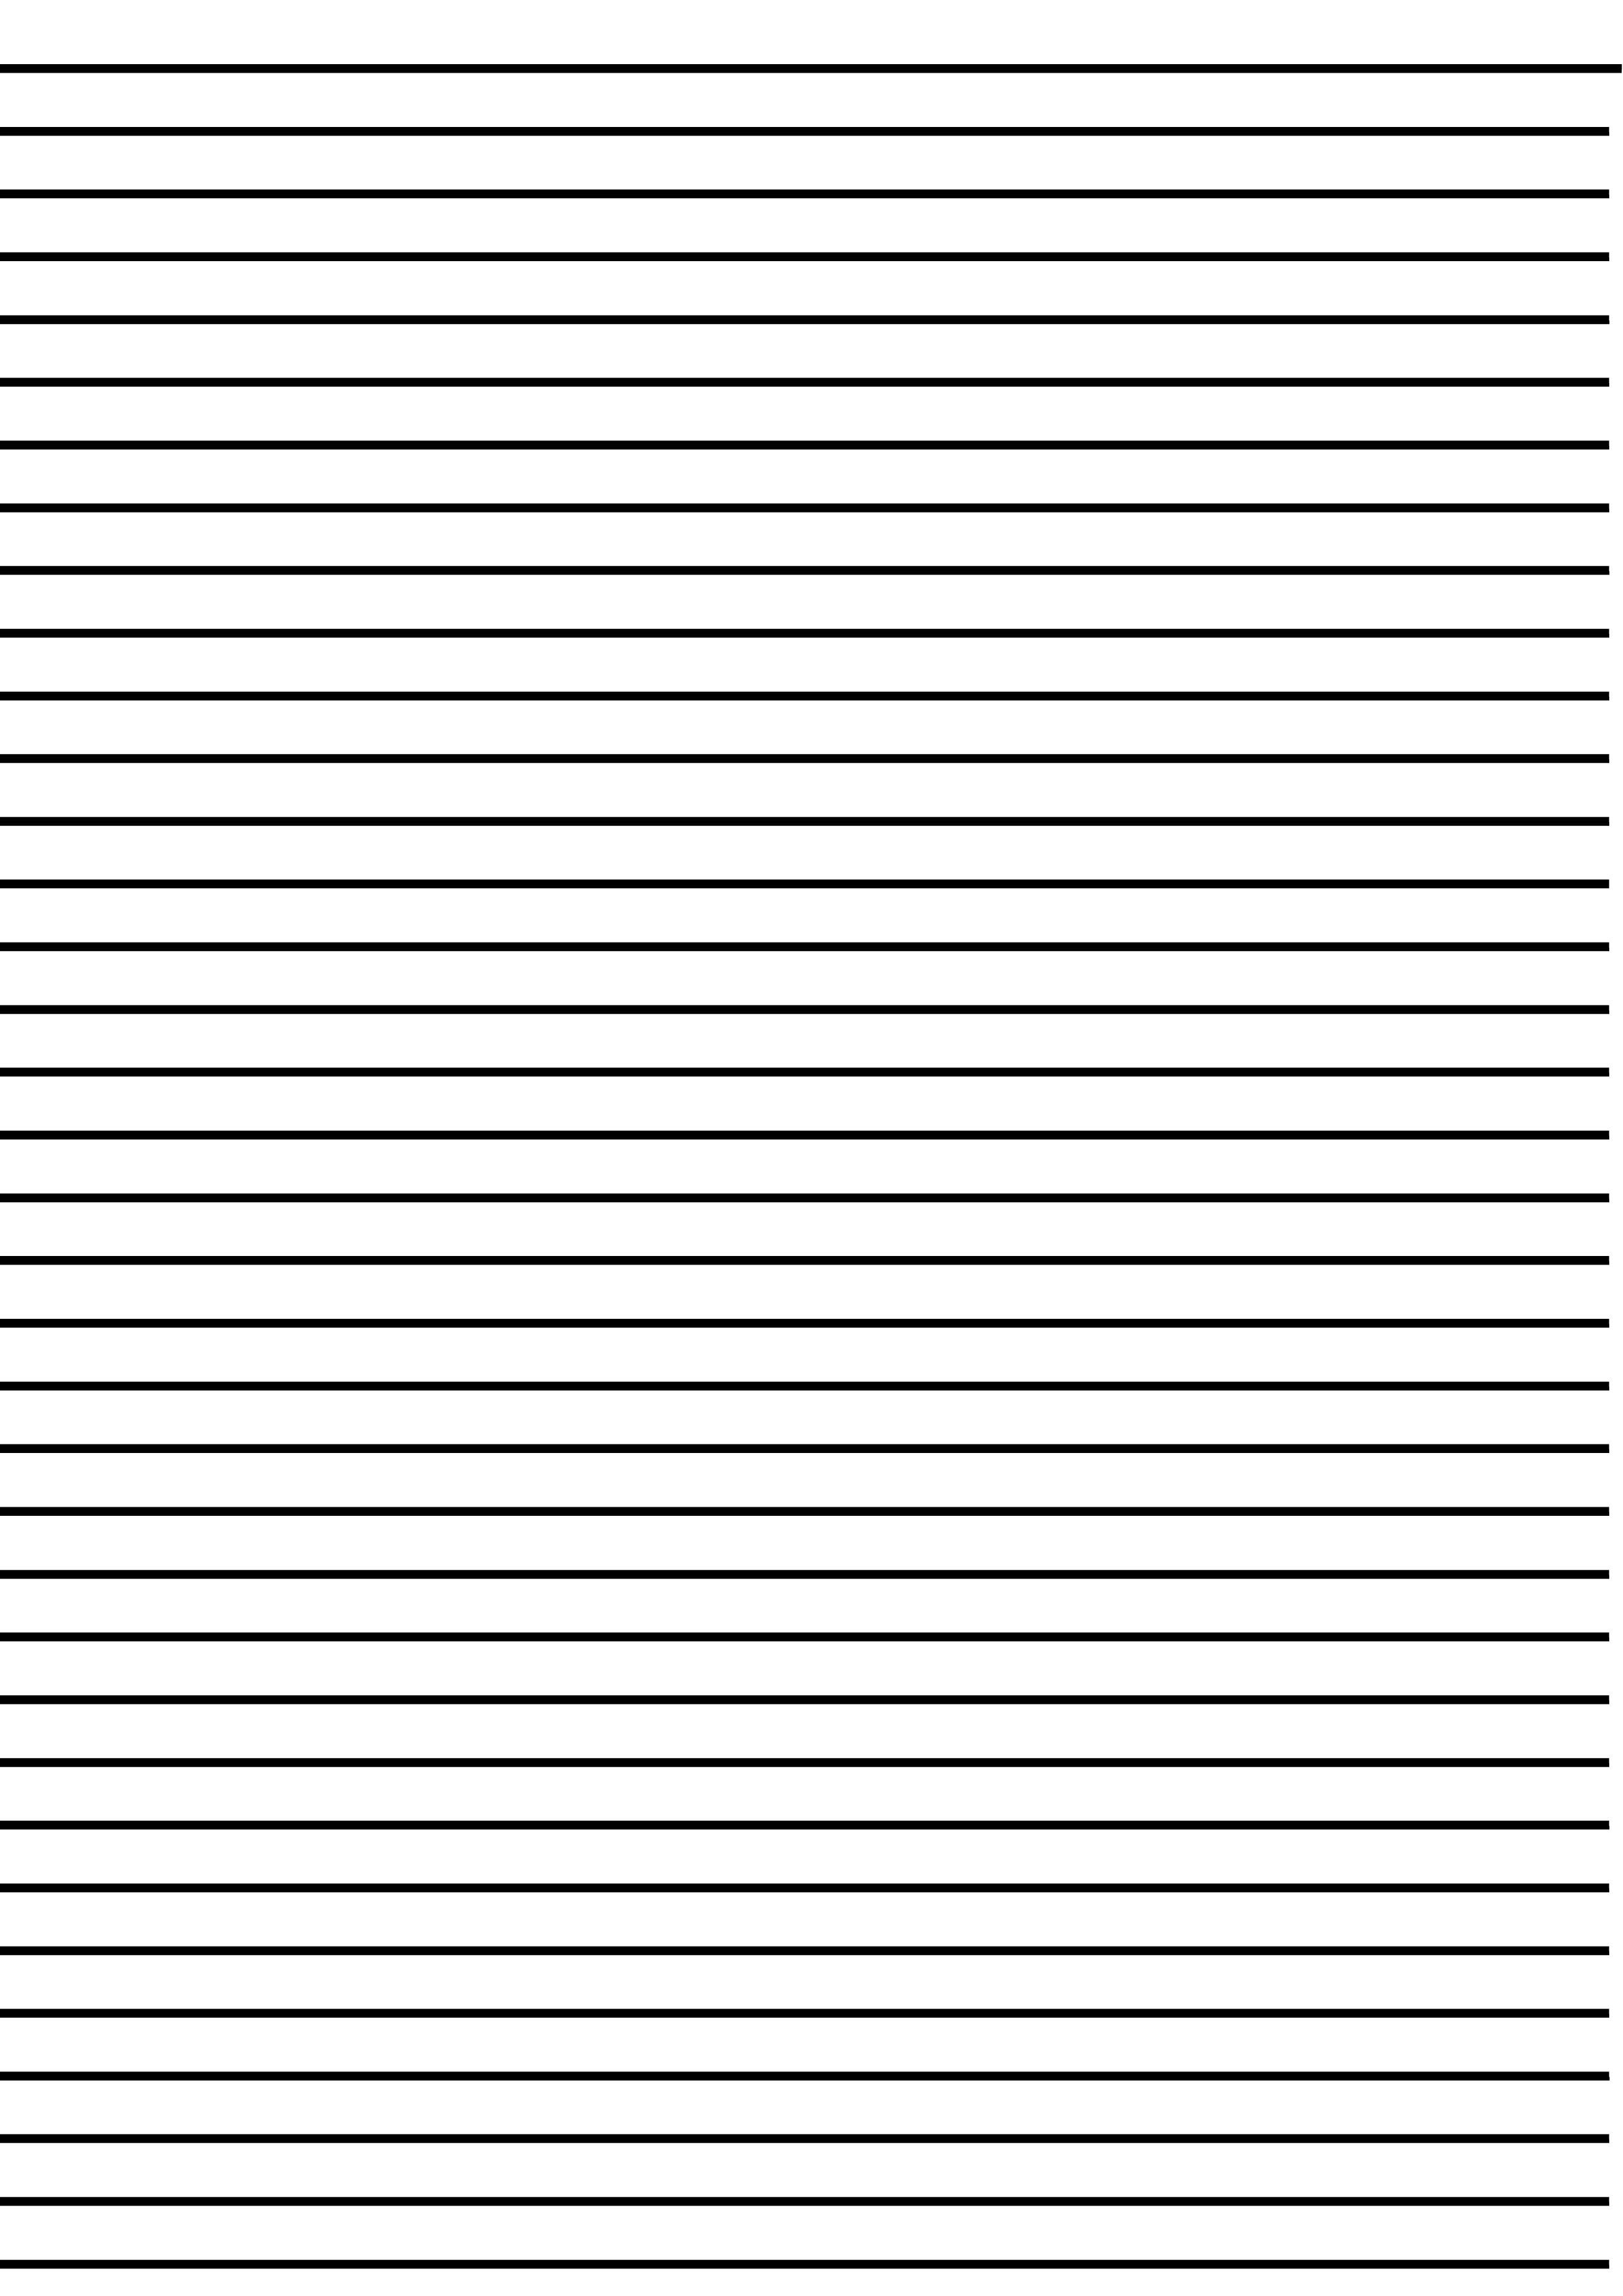 Зебра образец листа скачать